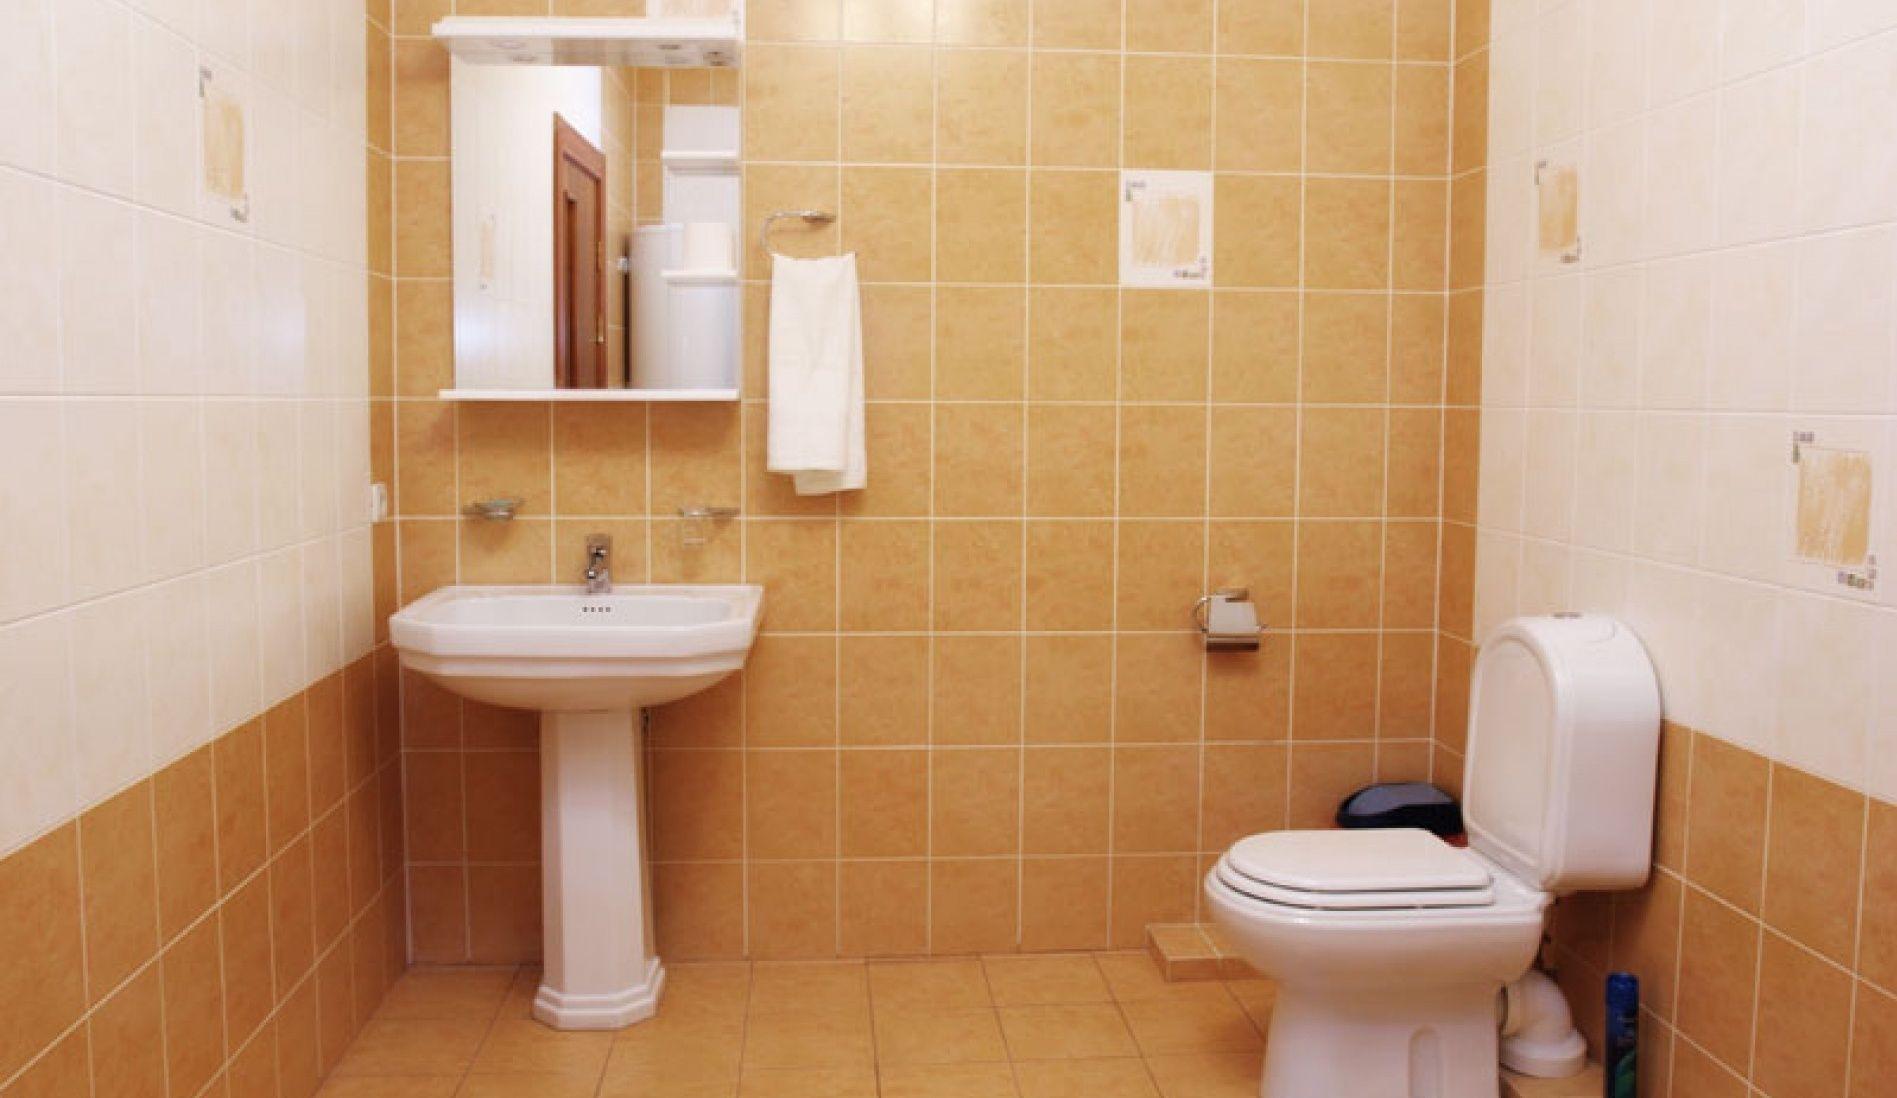 """Загородный гостиничный комплекс """"Орбита"""" Самарская область Двухкомнатный 4-х местный номер в гостинице, фото 6"""